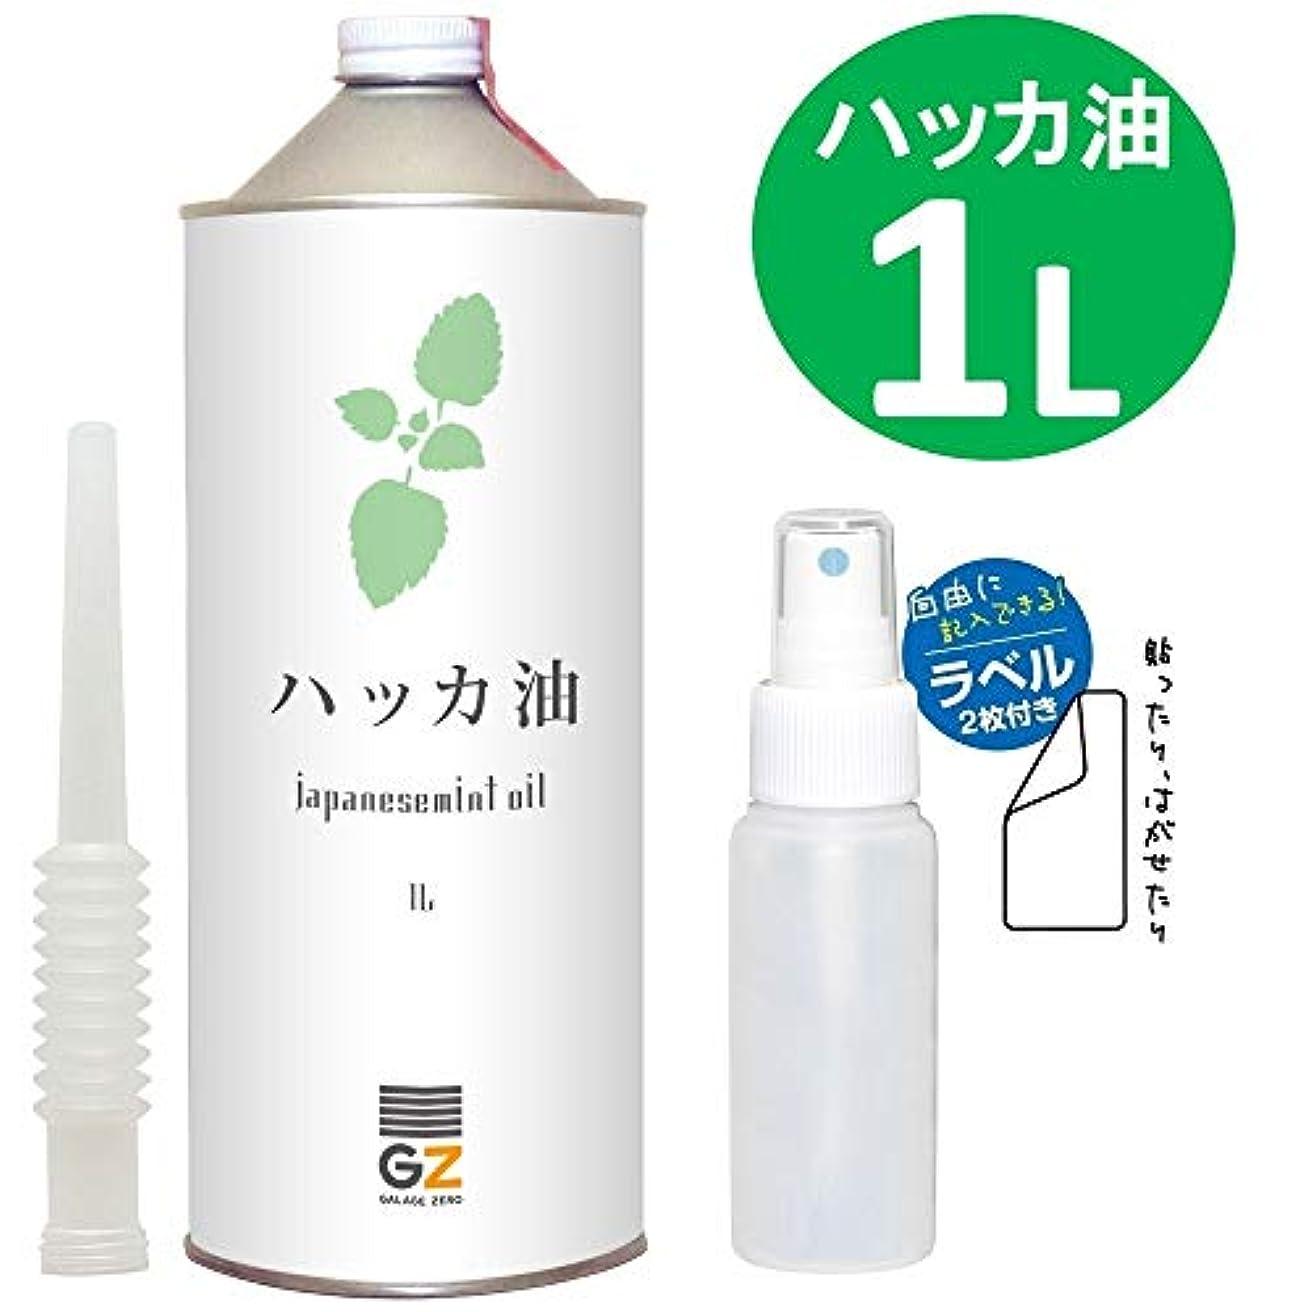 サリー機械こんにちはガレージ?ゼロ ハッカ油 1L(GZAK14)+50mlPEスプレーボトル/和種薄荷/ジャパニーズミント GSE531